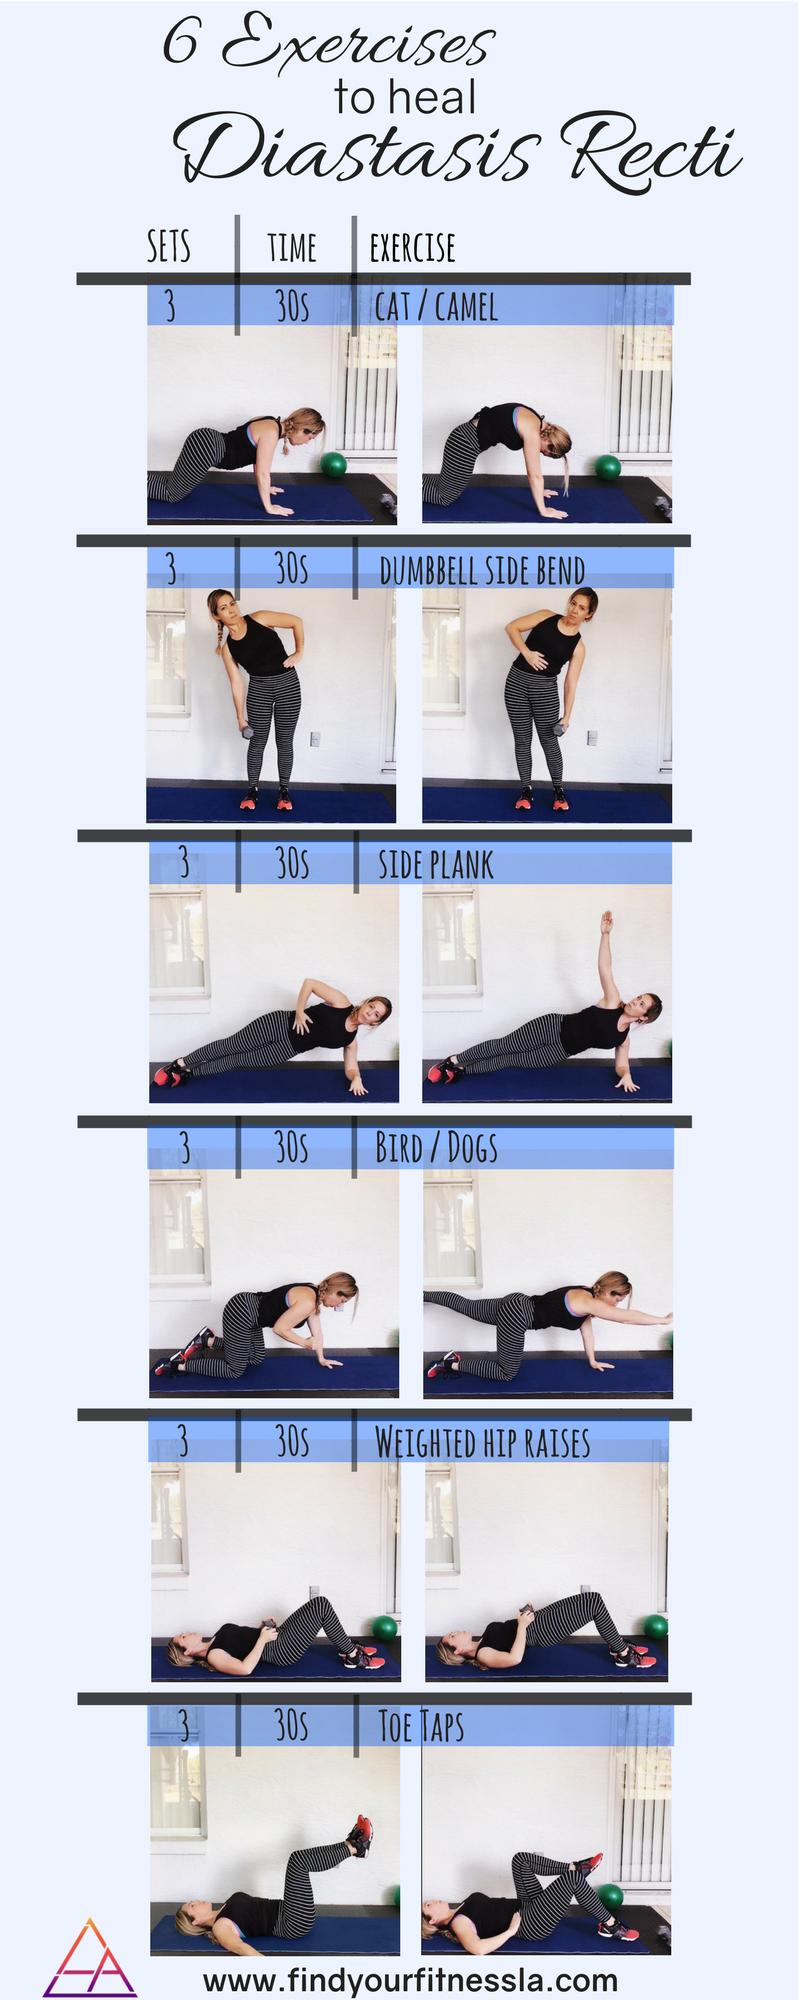 6 Exercises To Heal Diastasis Recti Prenatal And Postnatal Core Exercises Tone Your Tummy Wi Post Partum Workout Diastasis Recti Exercises Postnatal Workout